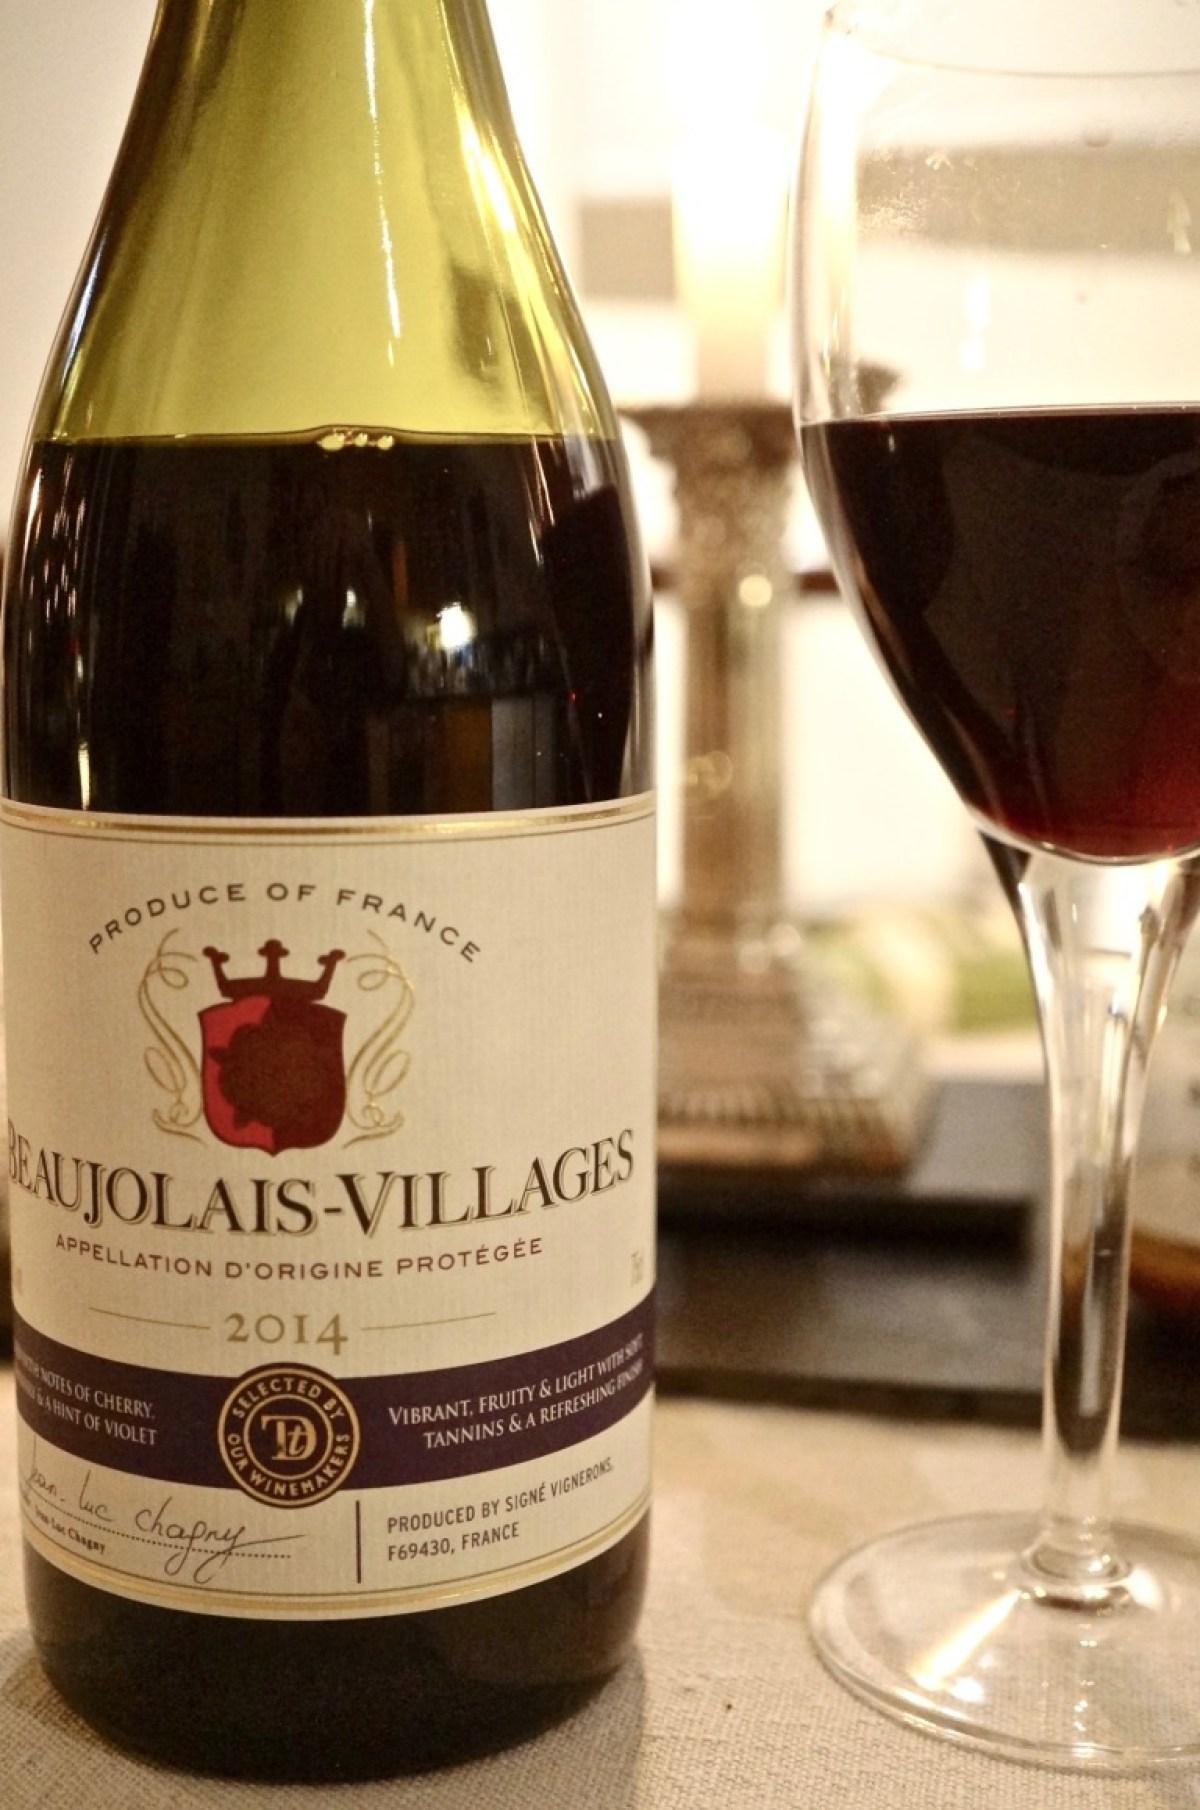 dazu eine Flasche Beaujolais